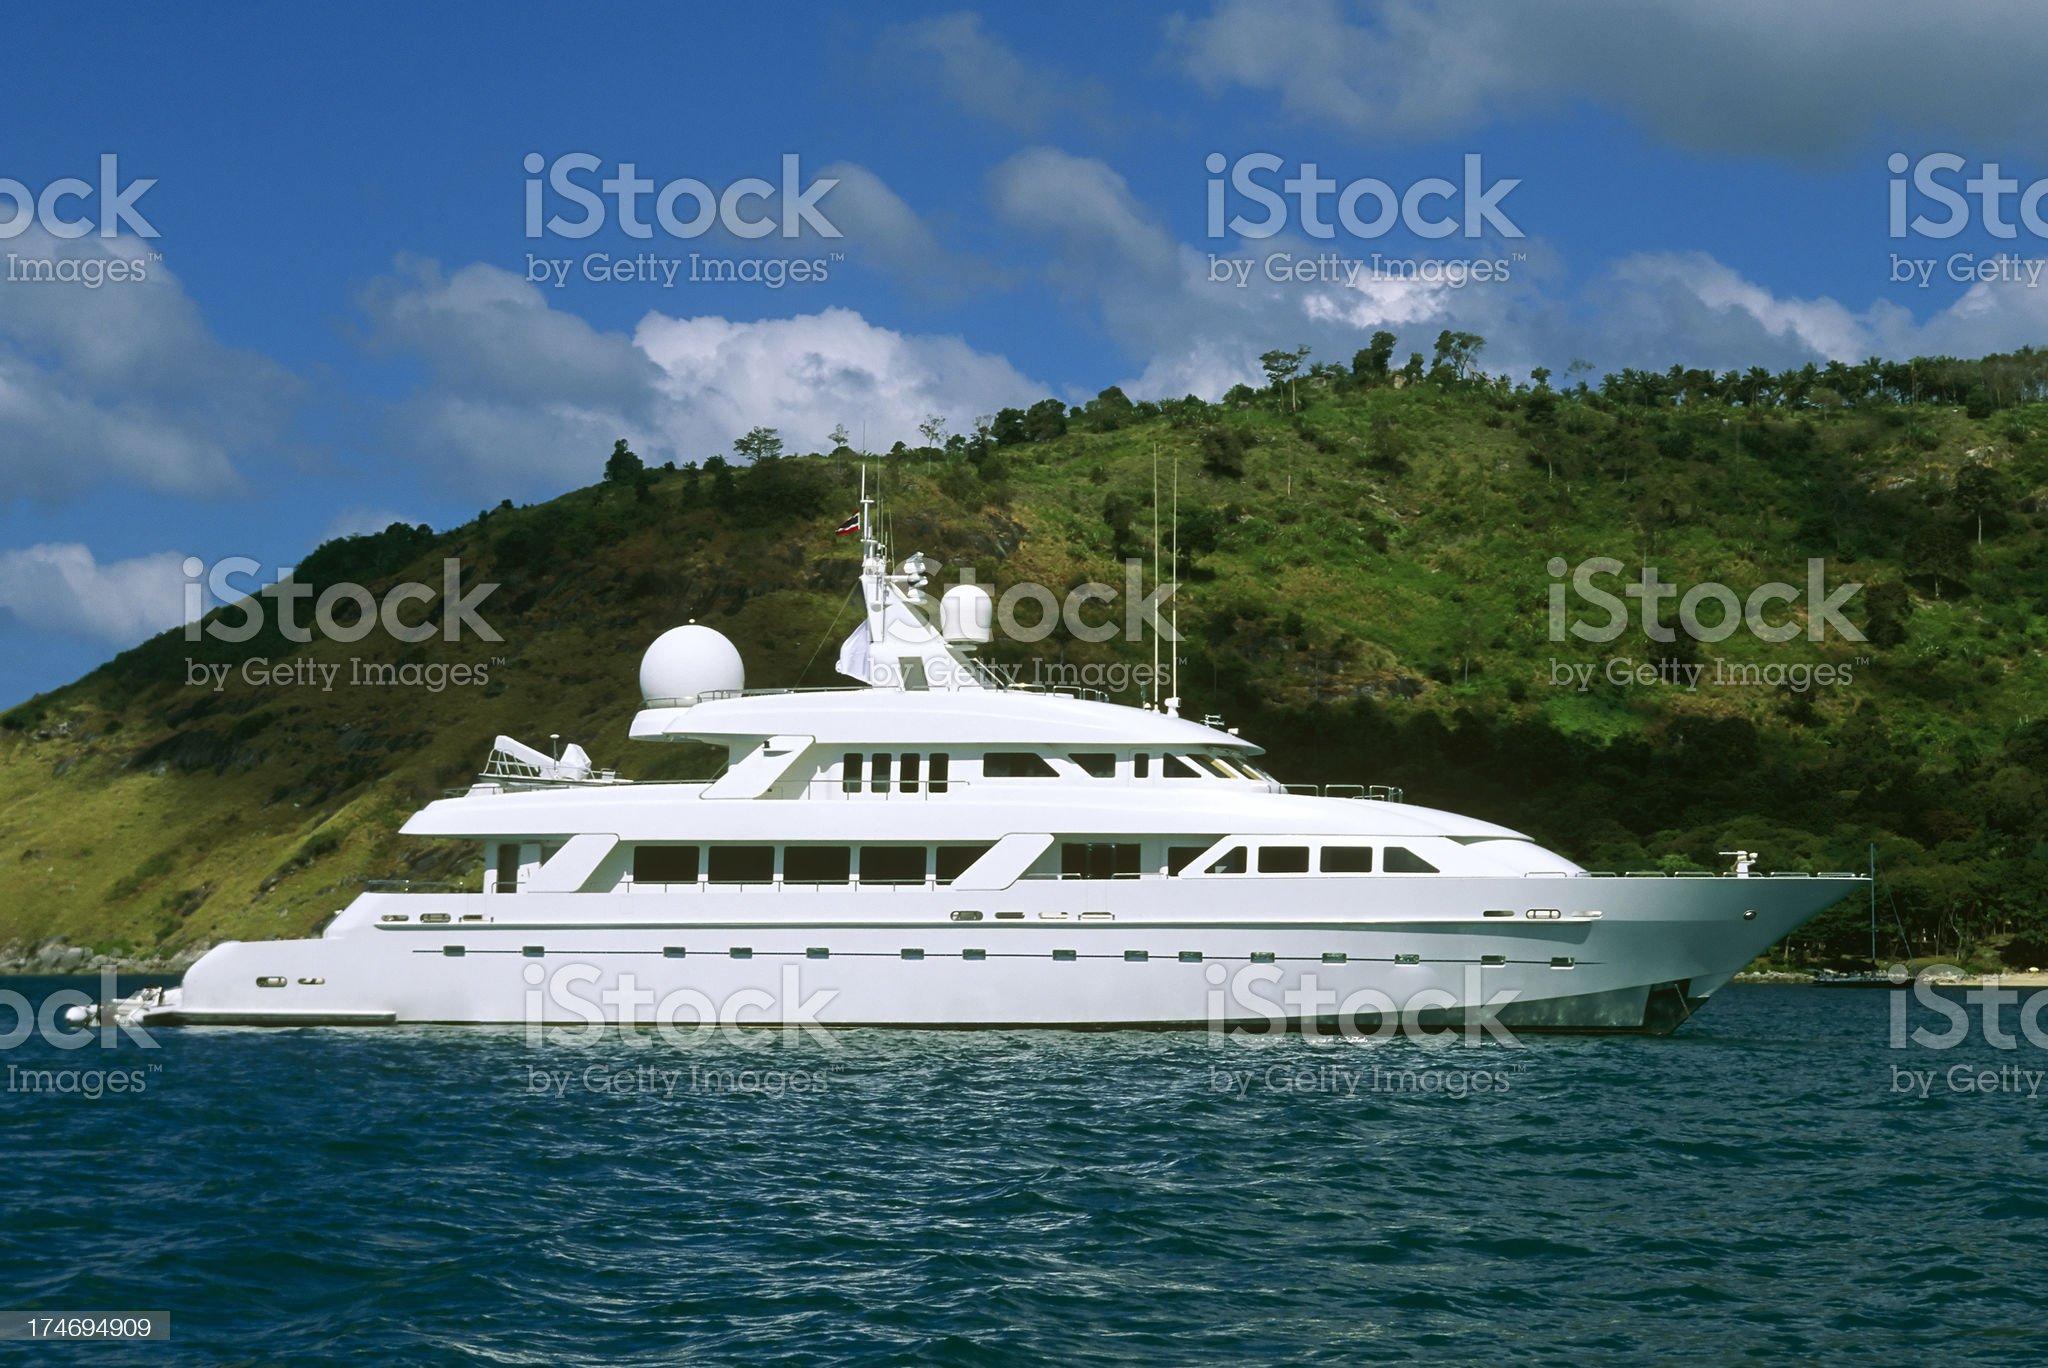 luxury motor yacht boat island wealth phuket thailand royalty-free stock photo